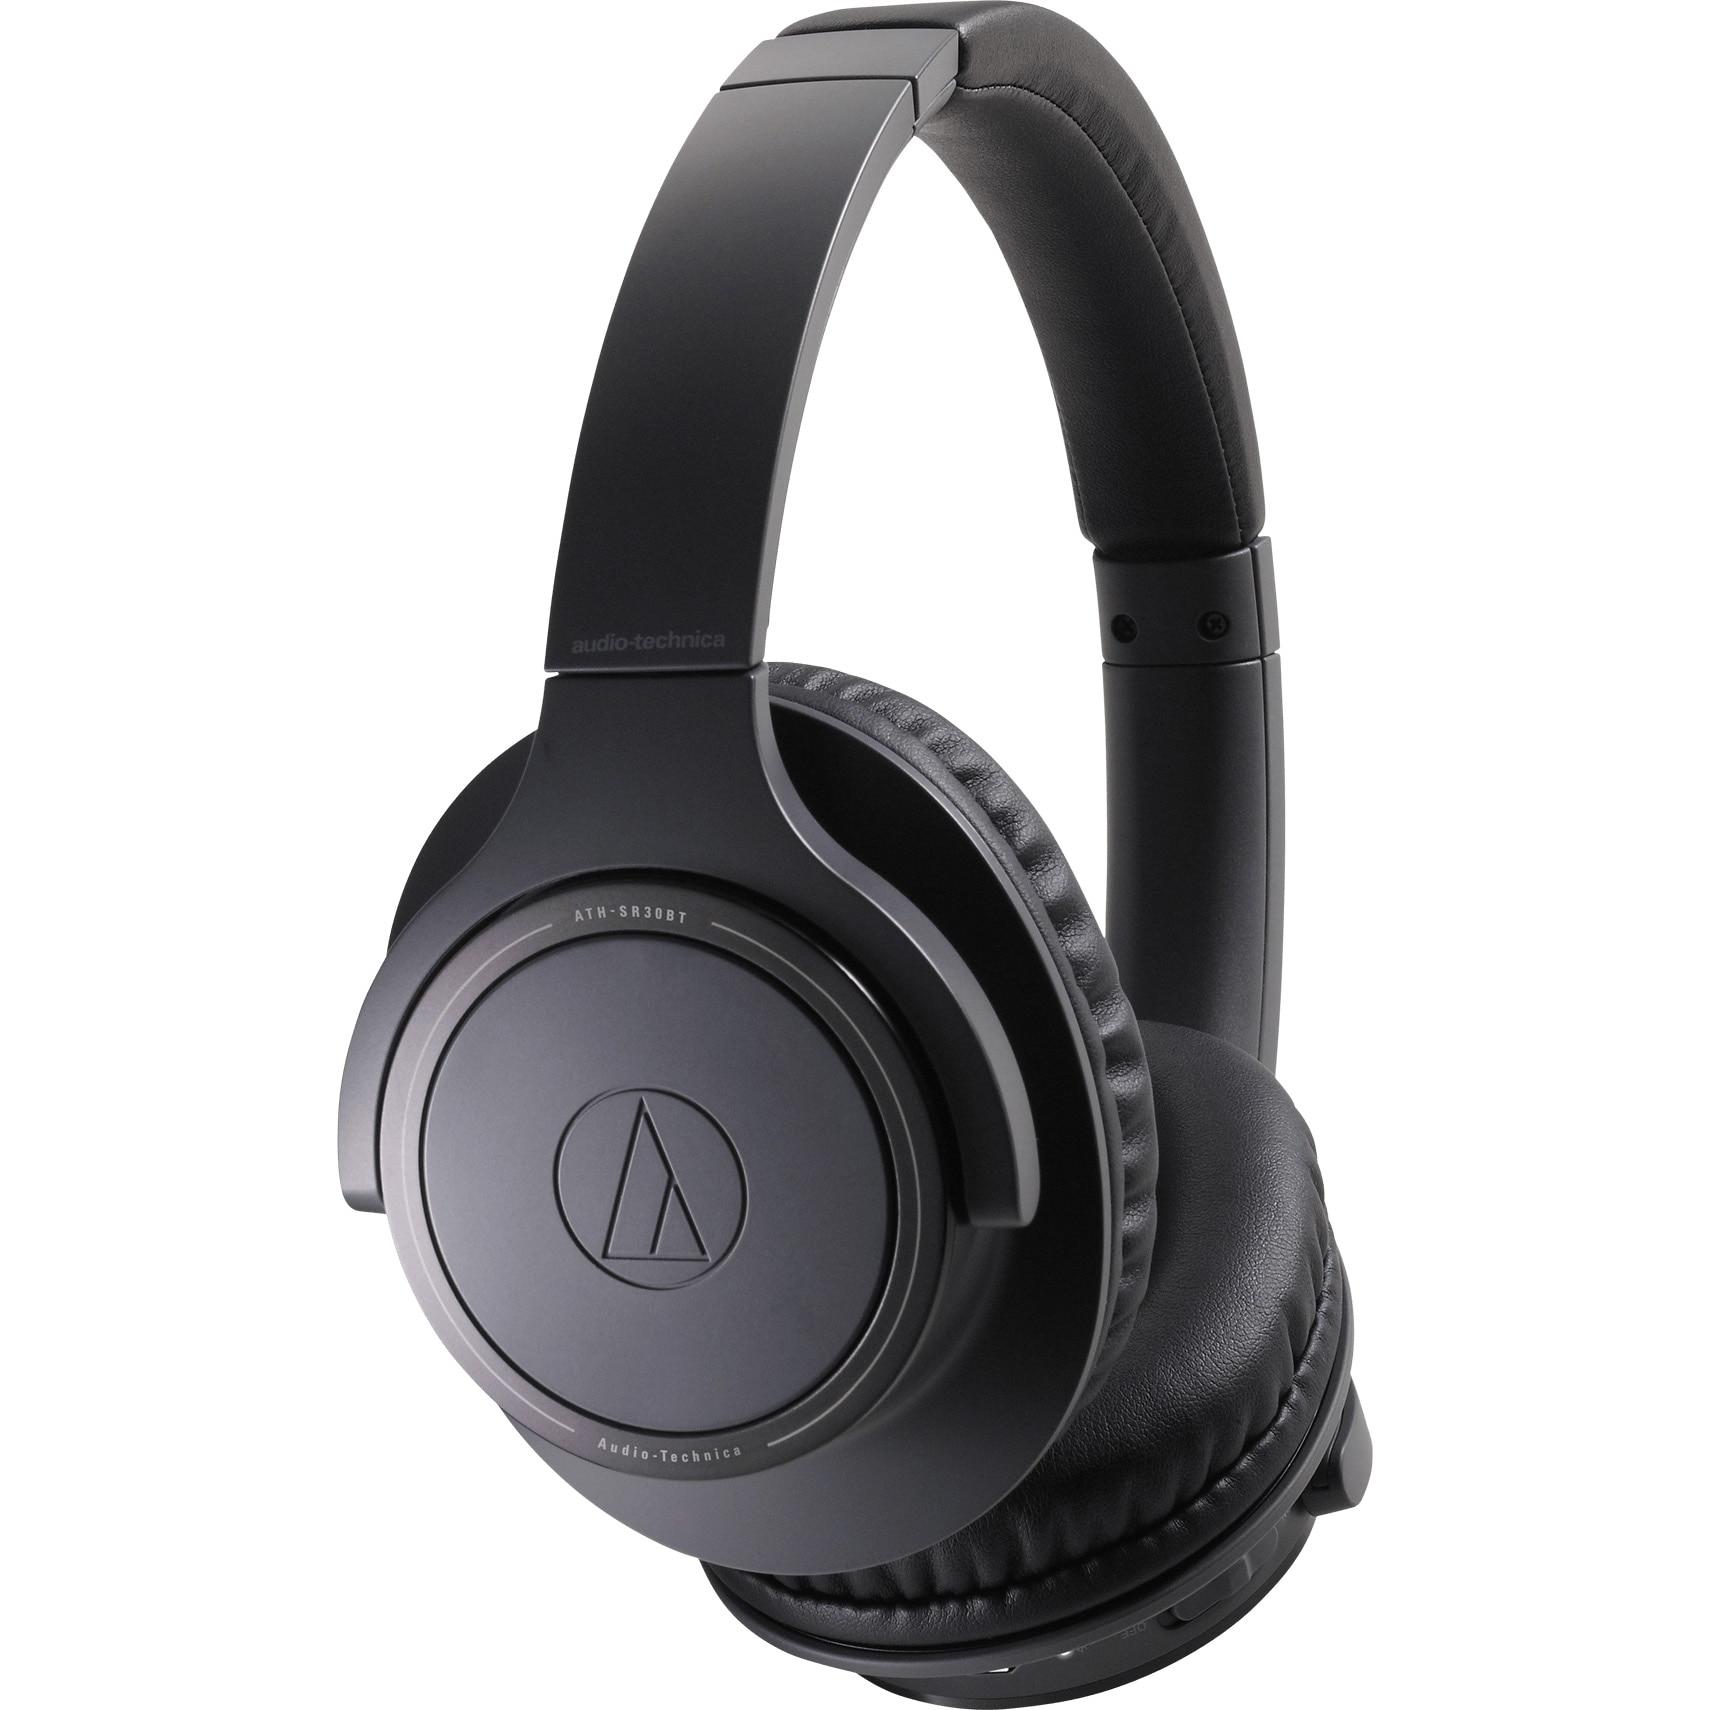 Fotografie Casti Audio Over the Ear pliabile Audio Technica ATH-SR30BT, Wireless, Bluetooth, Microfon, Autonomie 70 ore, Negru